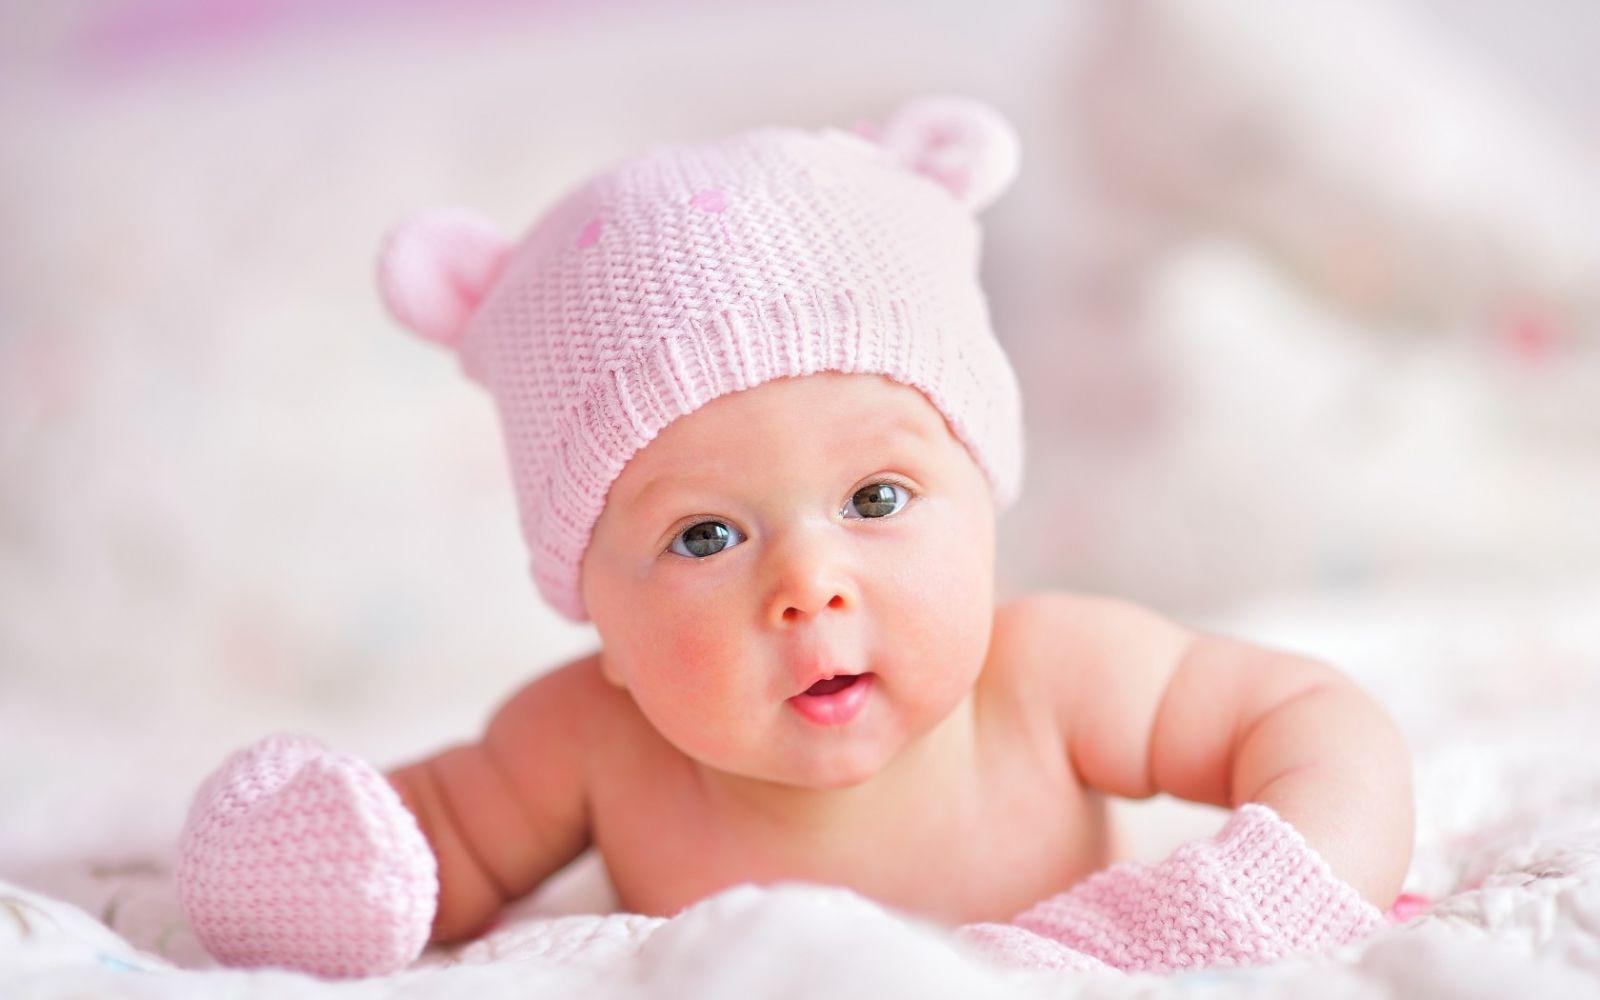 Потничка (потничек) у новорожденных